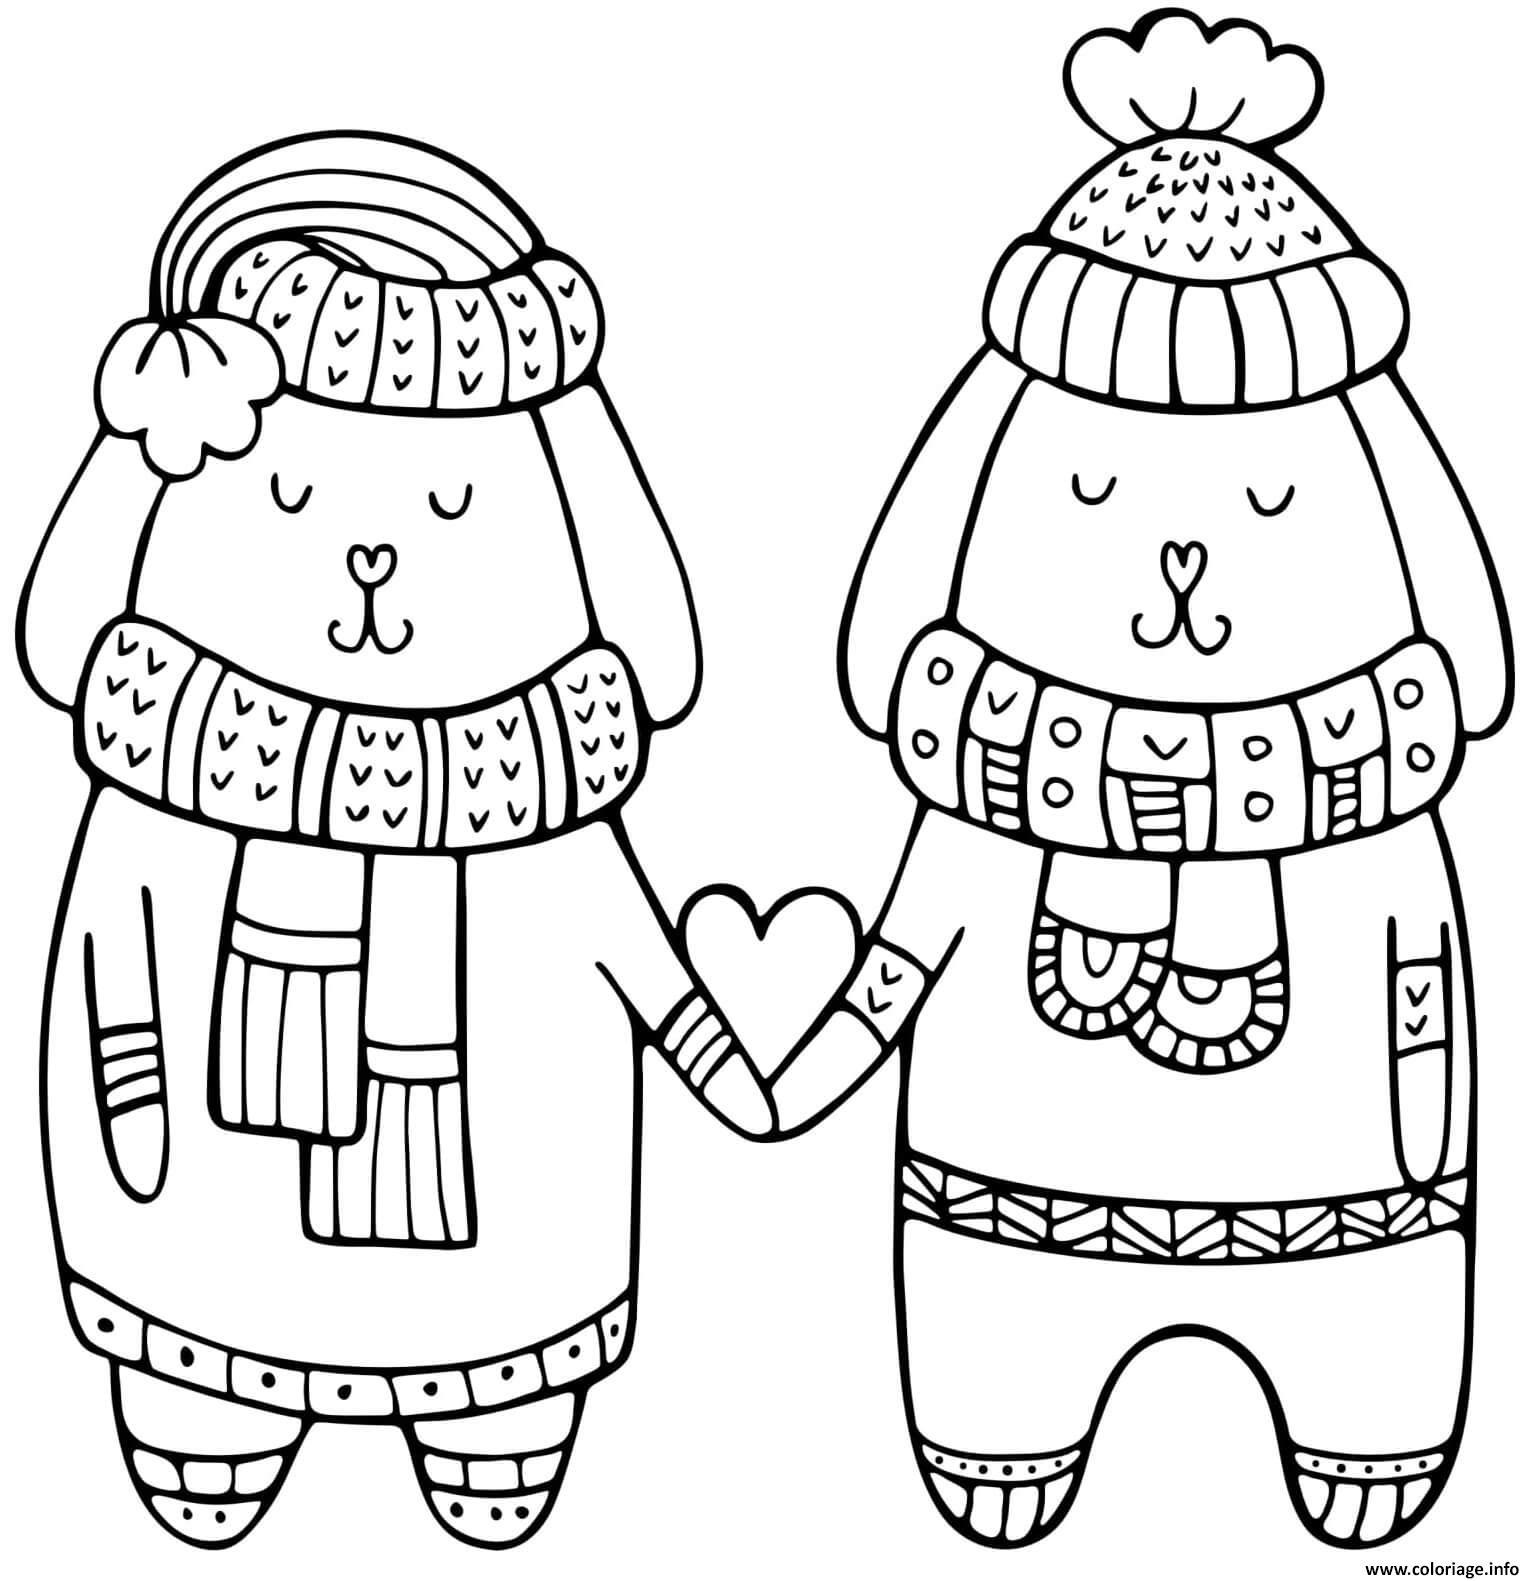 Dessin hiver chiens amoureux saint valentin Coloriage Gratuit à Imprimer